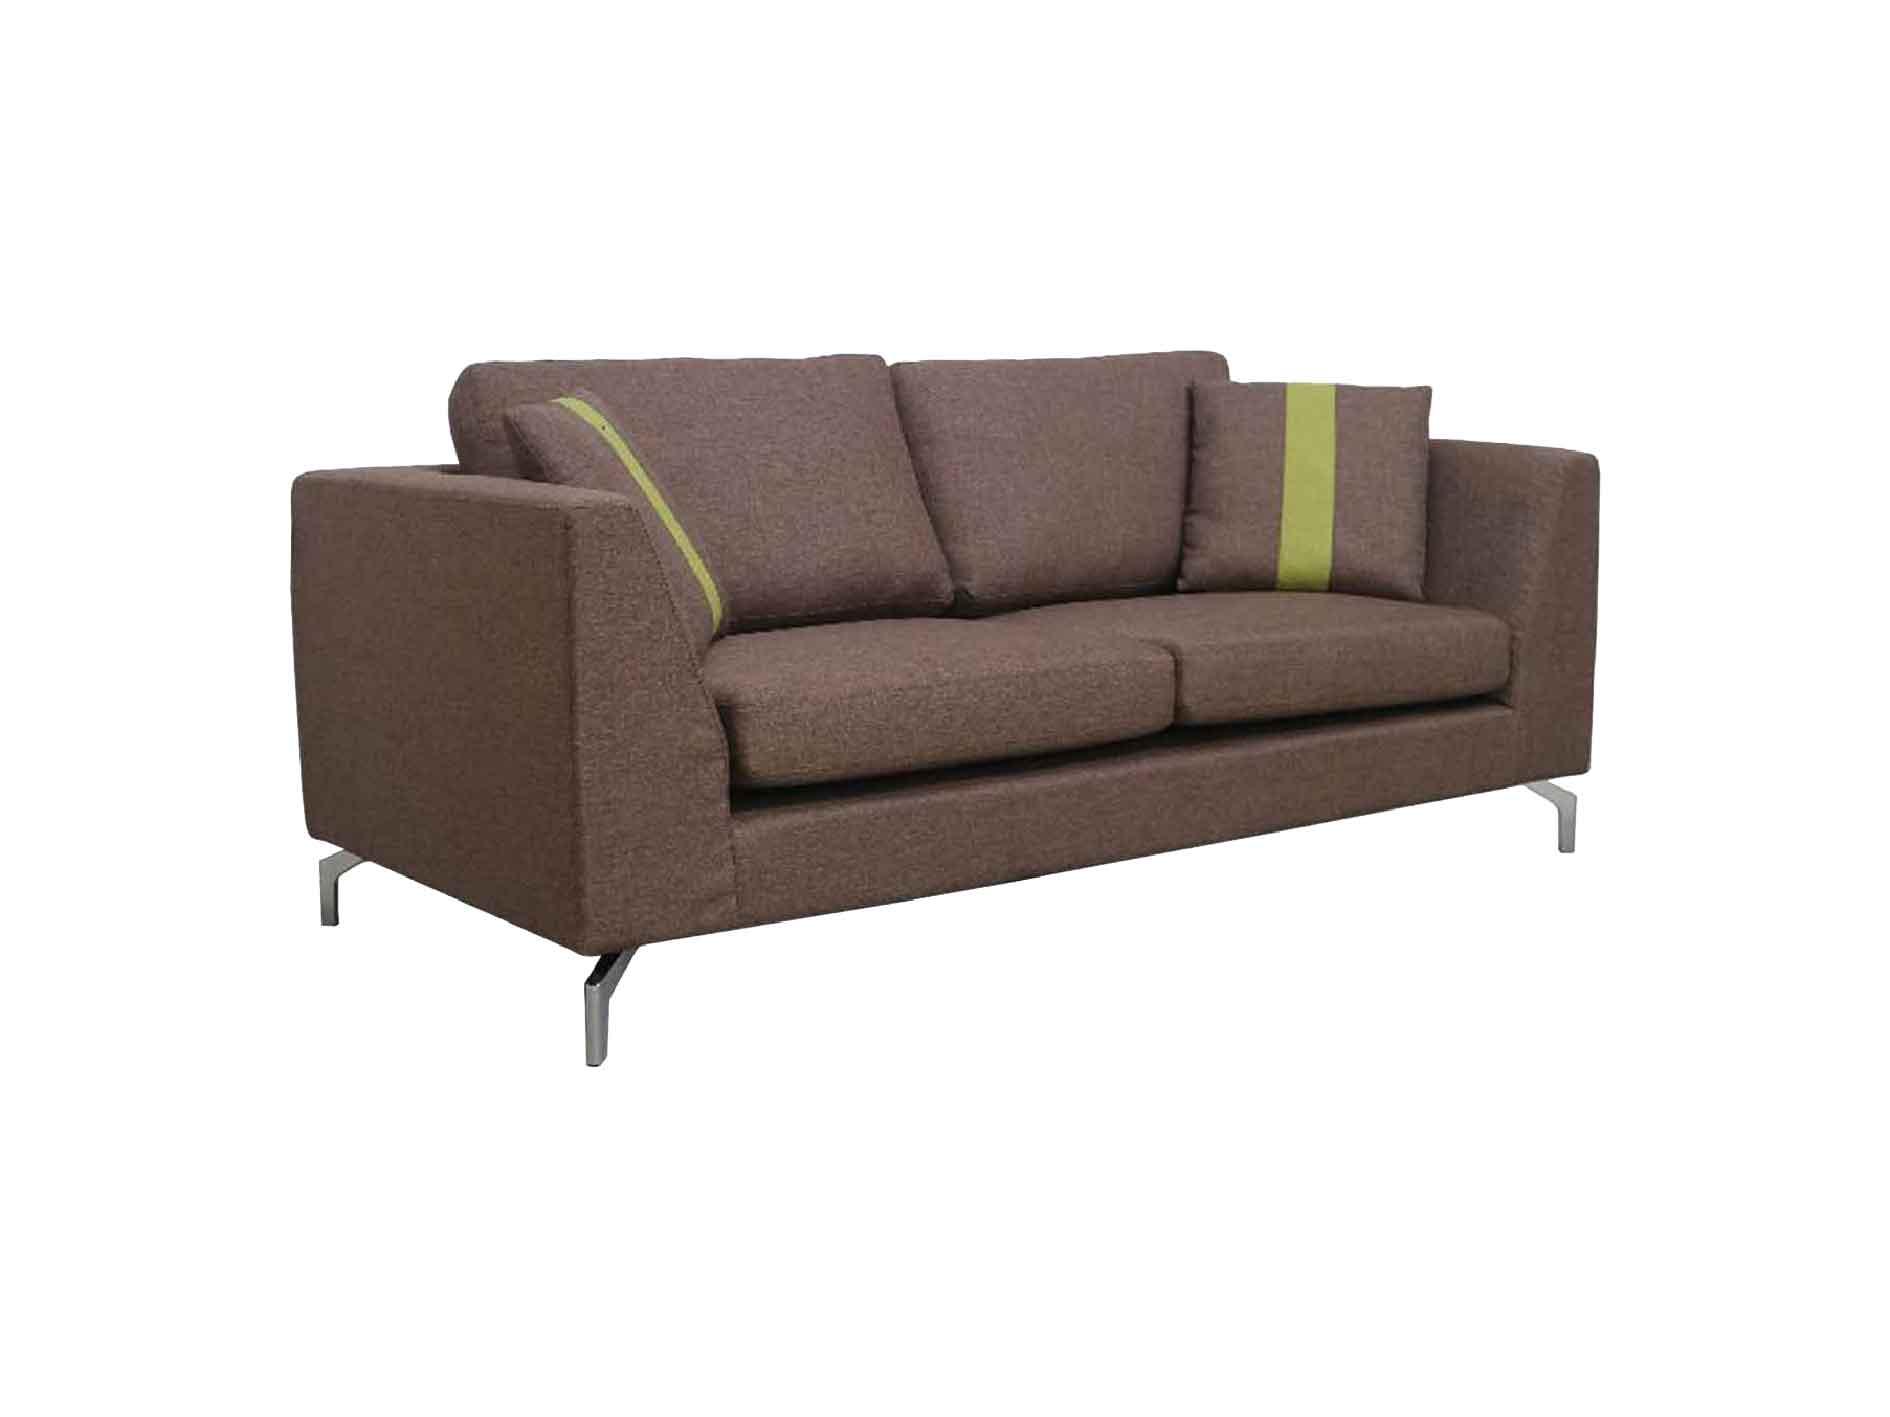 Valerio Designer Italian Fabric Sofa – Collina – 3 Seater fabric sofa (2.07 M)